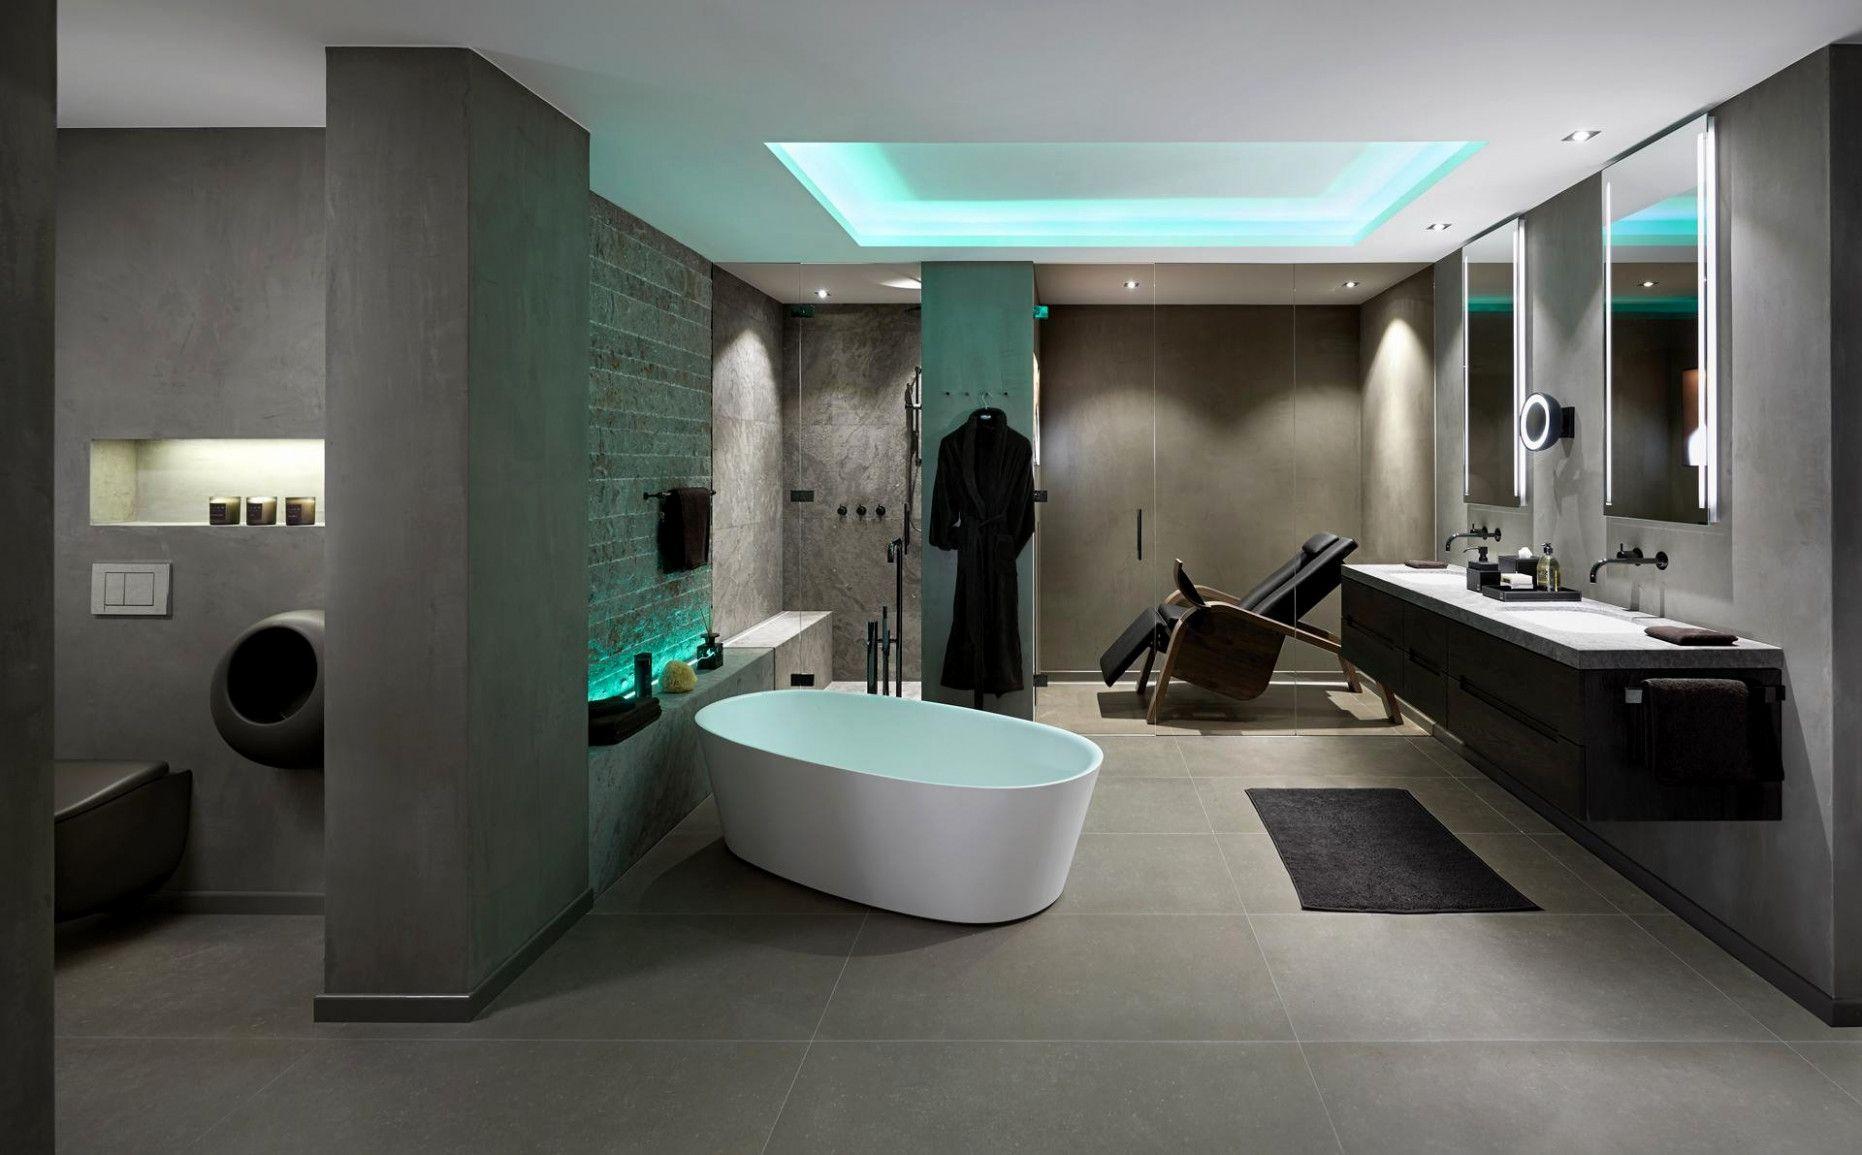 Luxusbadezimmer Direkt Am Schlafzimmer Luxus Villa Luxushaus Badezimmer Einrichtung